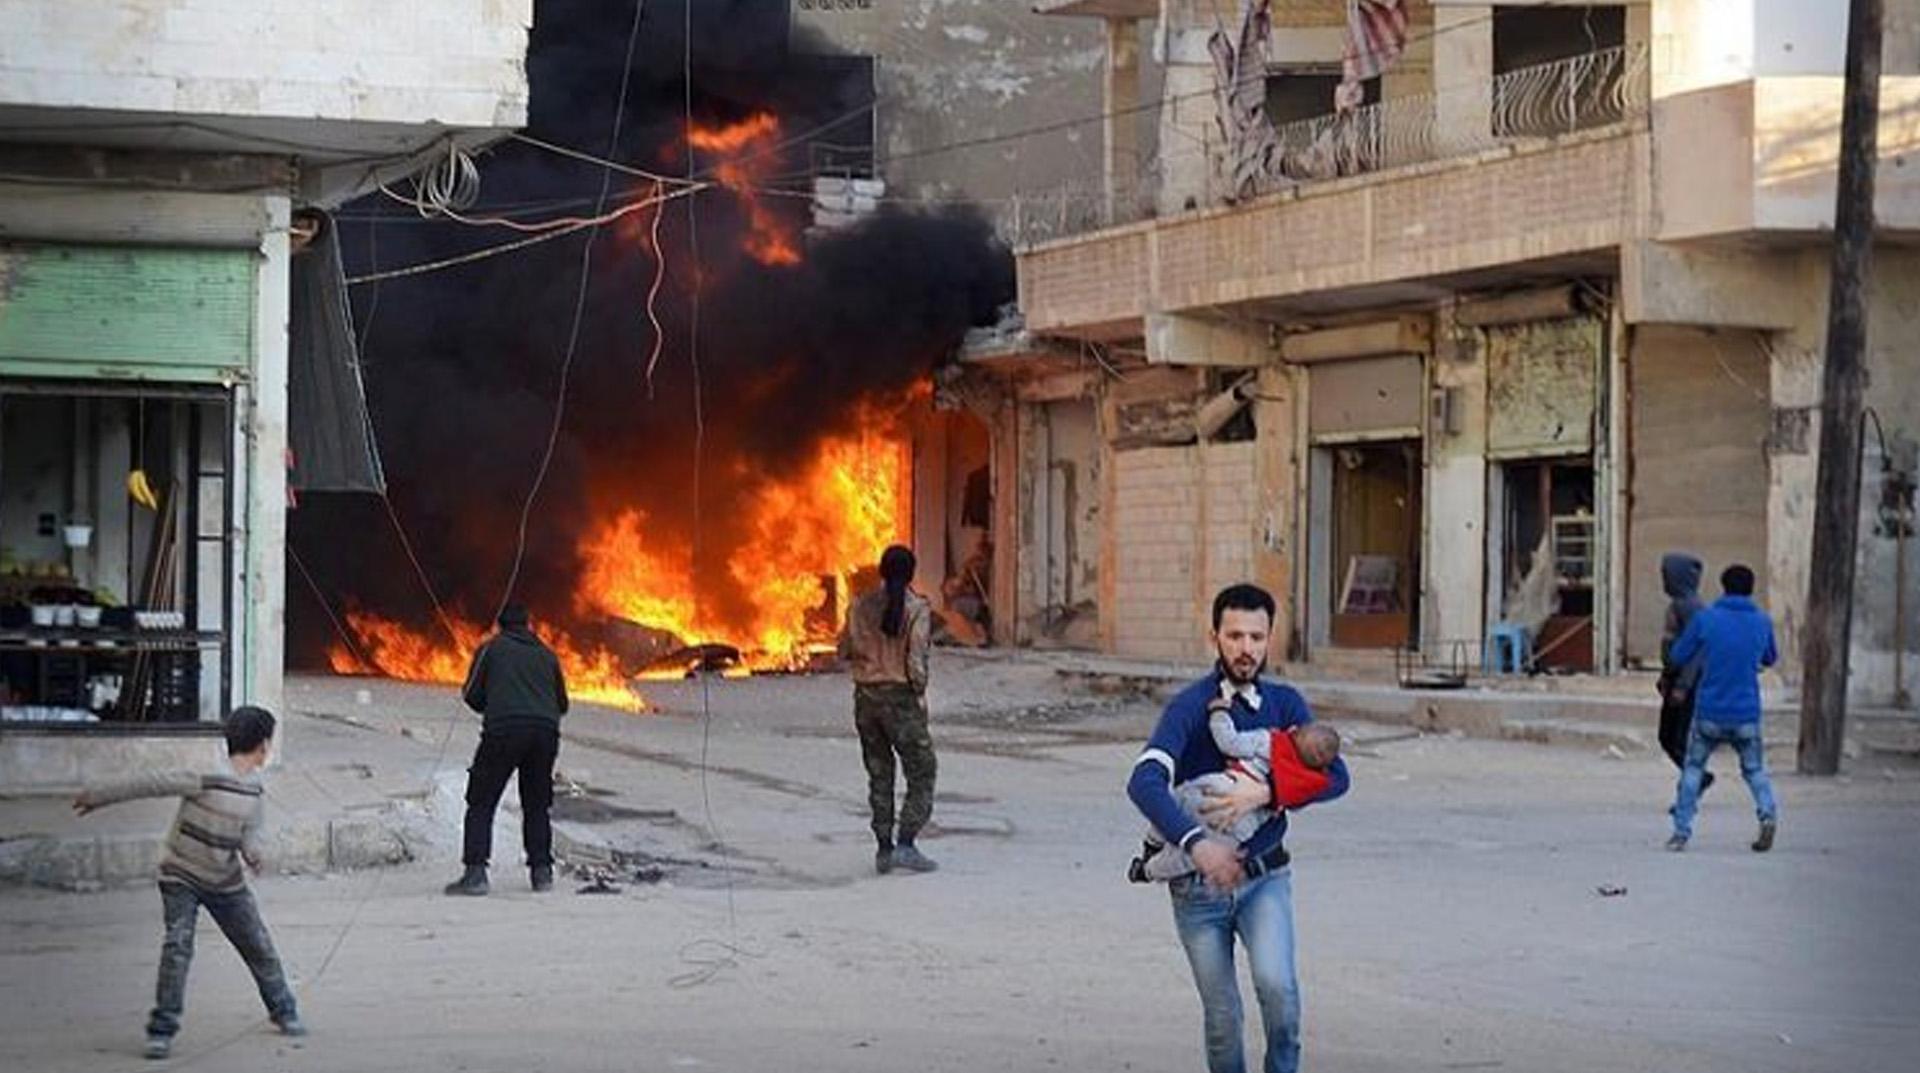 Zalim Esad rejiminden İdlib'e saldırı